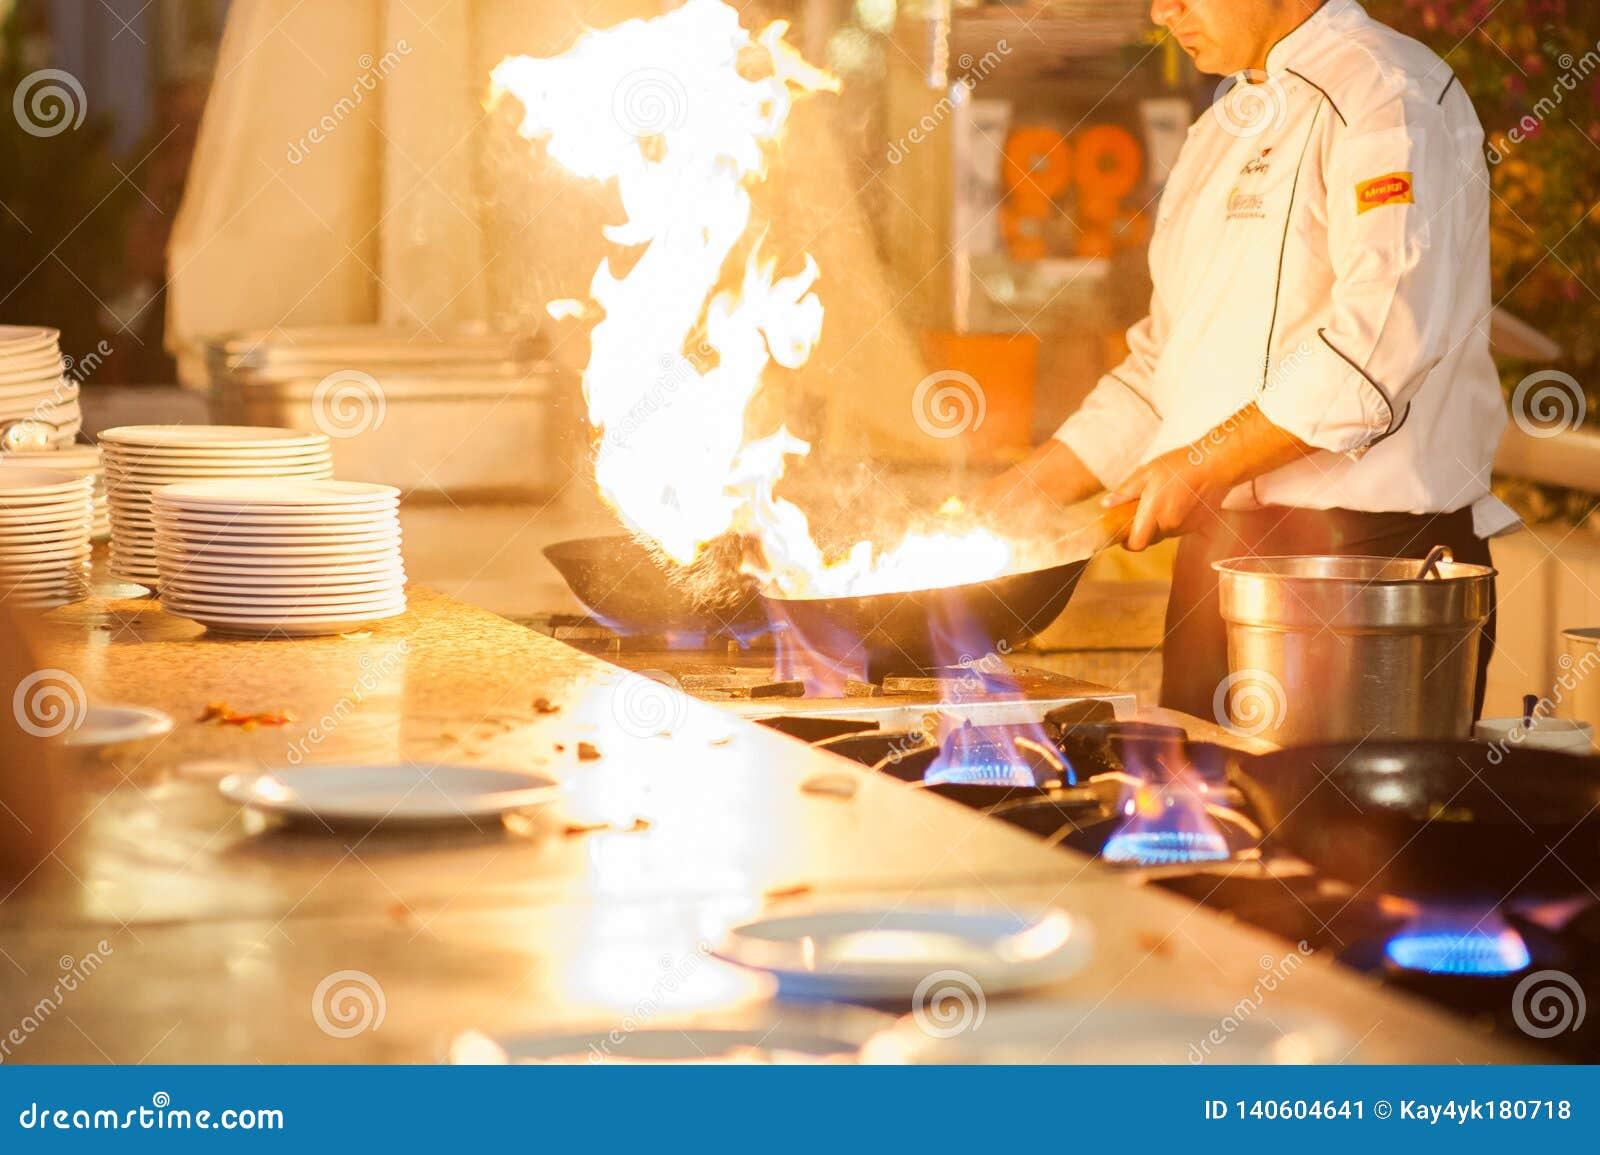 Il cuoco unico nella cucina del ristorante sulla stufa con una pentola, cuochi sopra alto calore